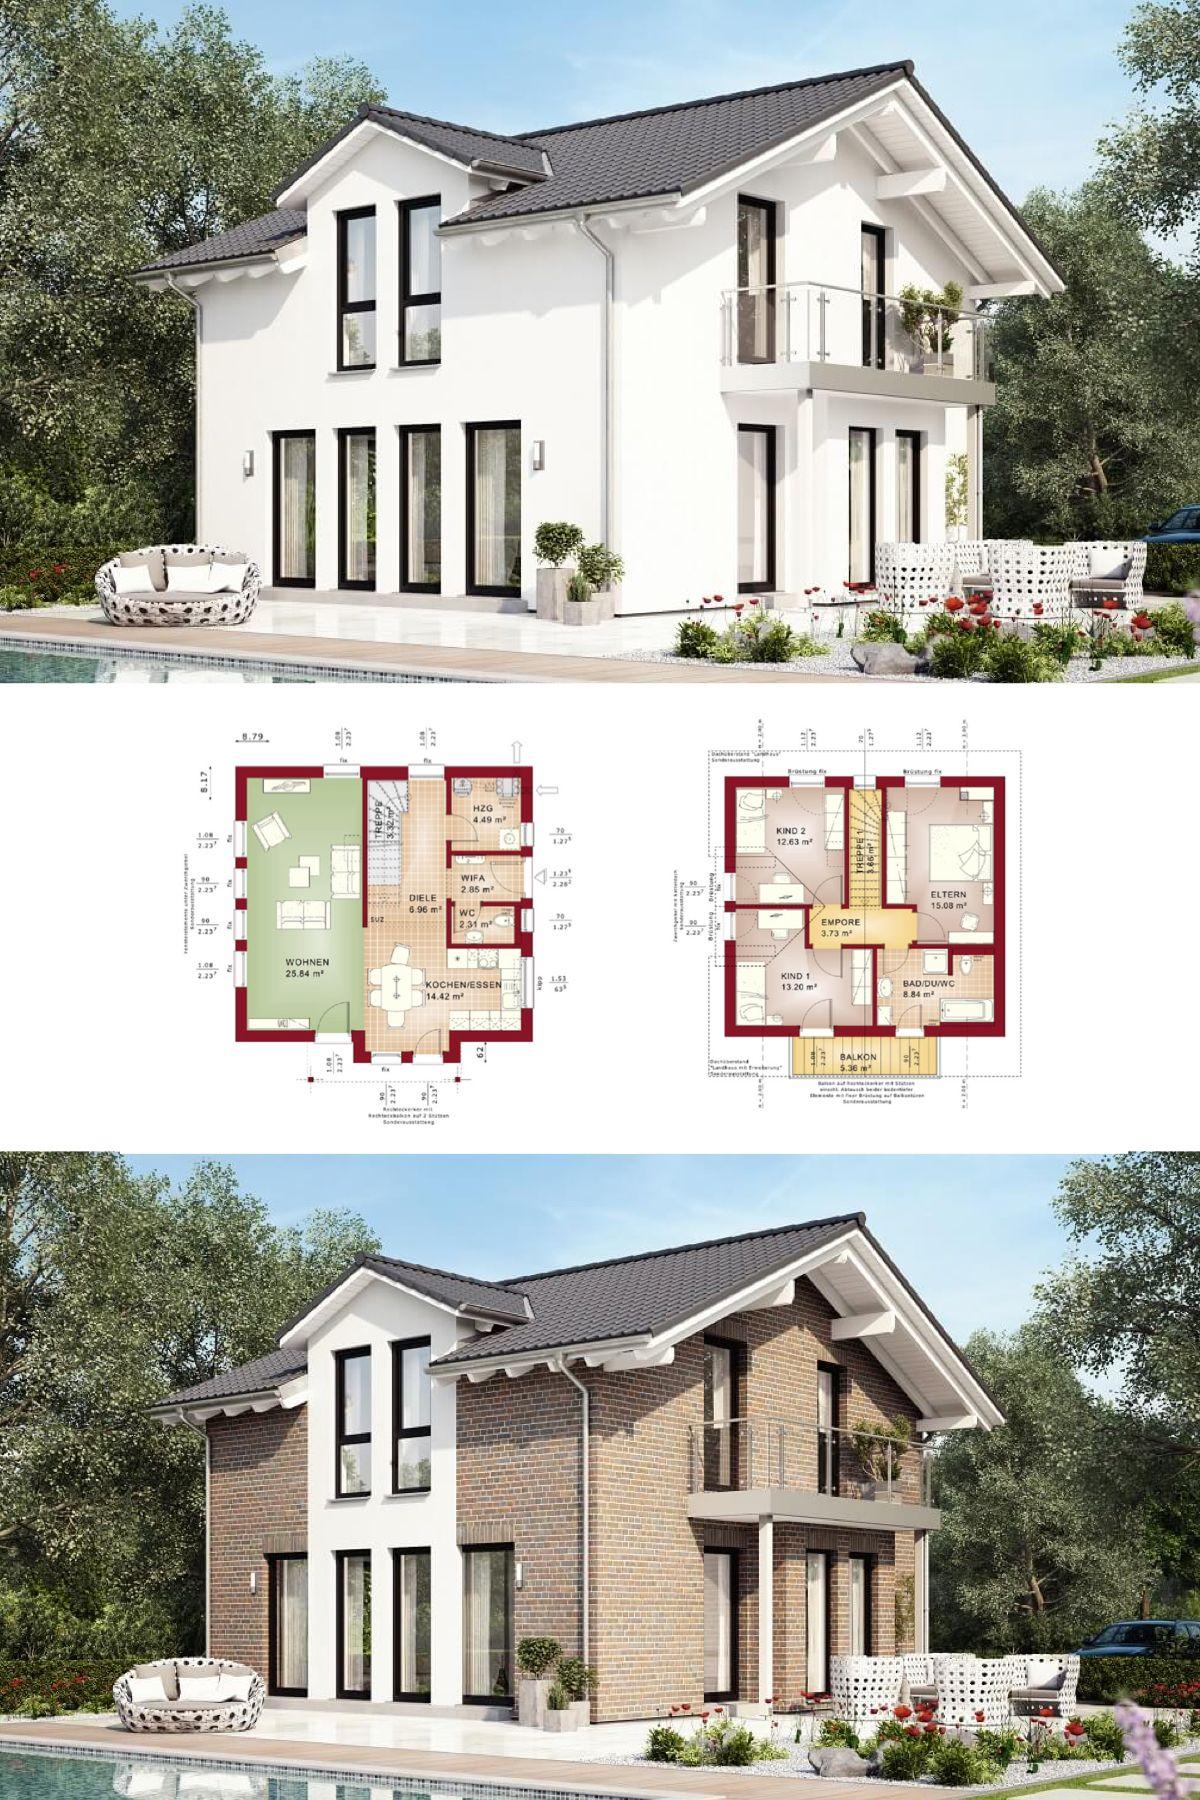 Modernes einfamilienhaus mit satteldach haus evolution for Modernes einfamilienhaus grundriss